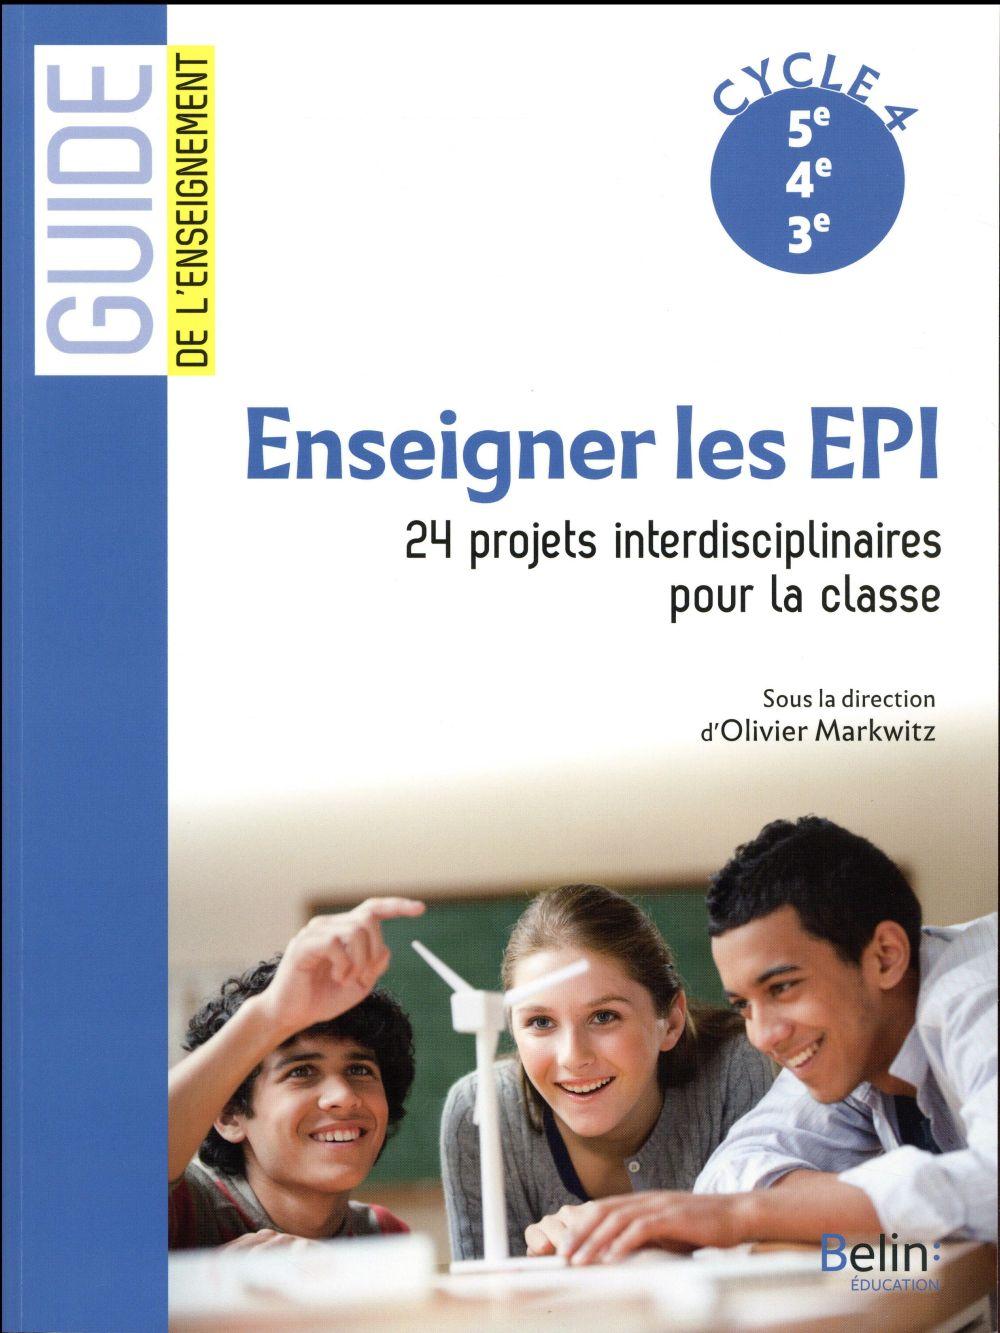 GUIDE BELIN DE L'ENSEIGNEMENT ; enseigner les EPI ; 24 projets interdisciplinaires pour la classe ; cycle 4